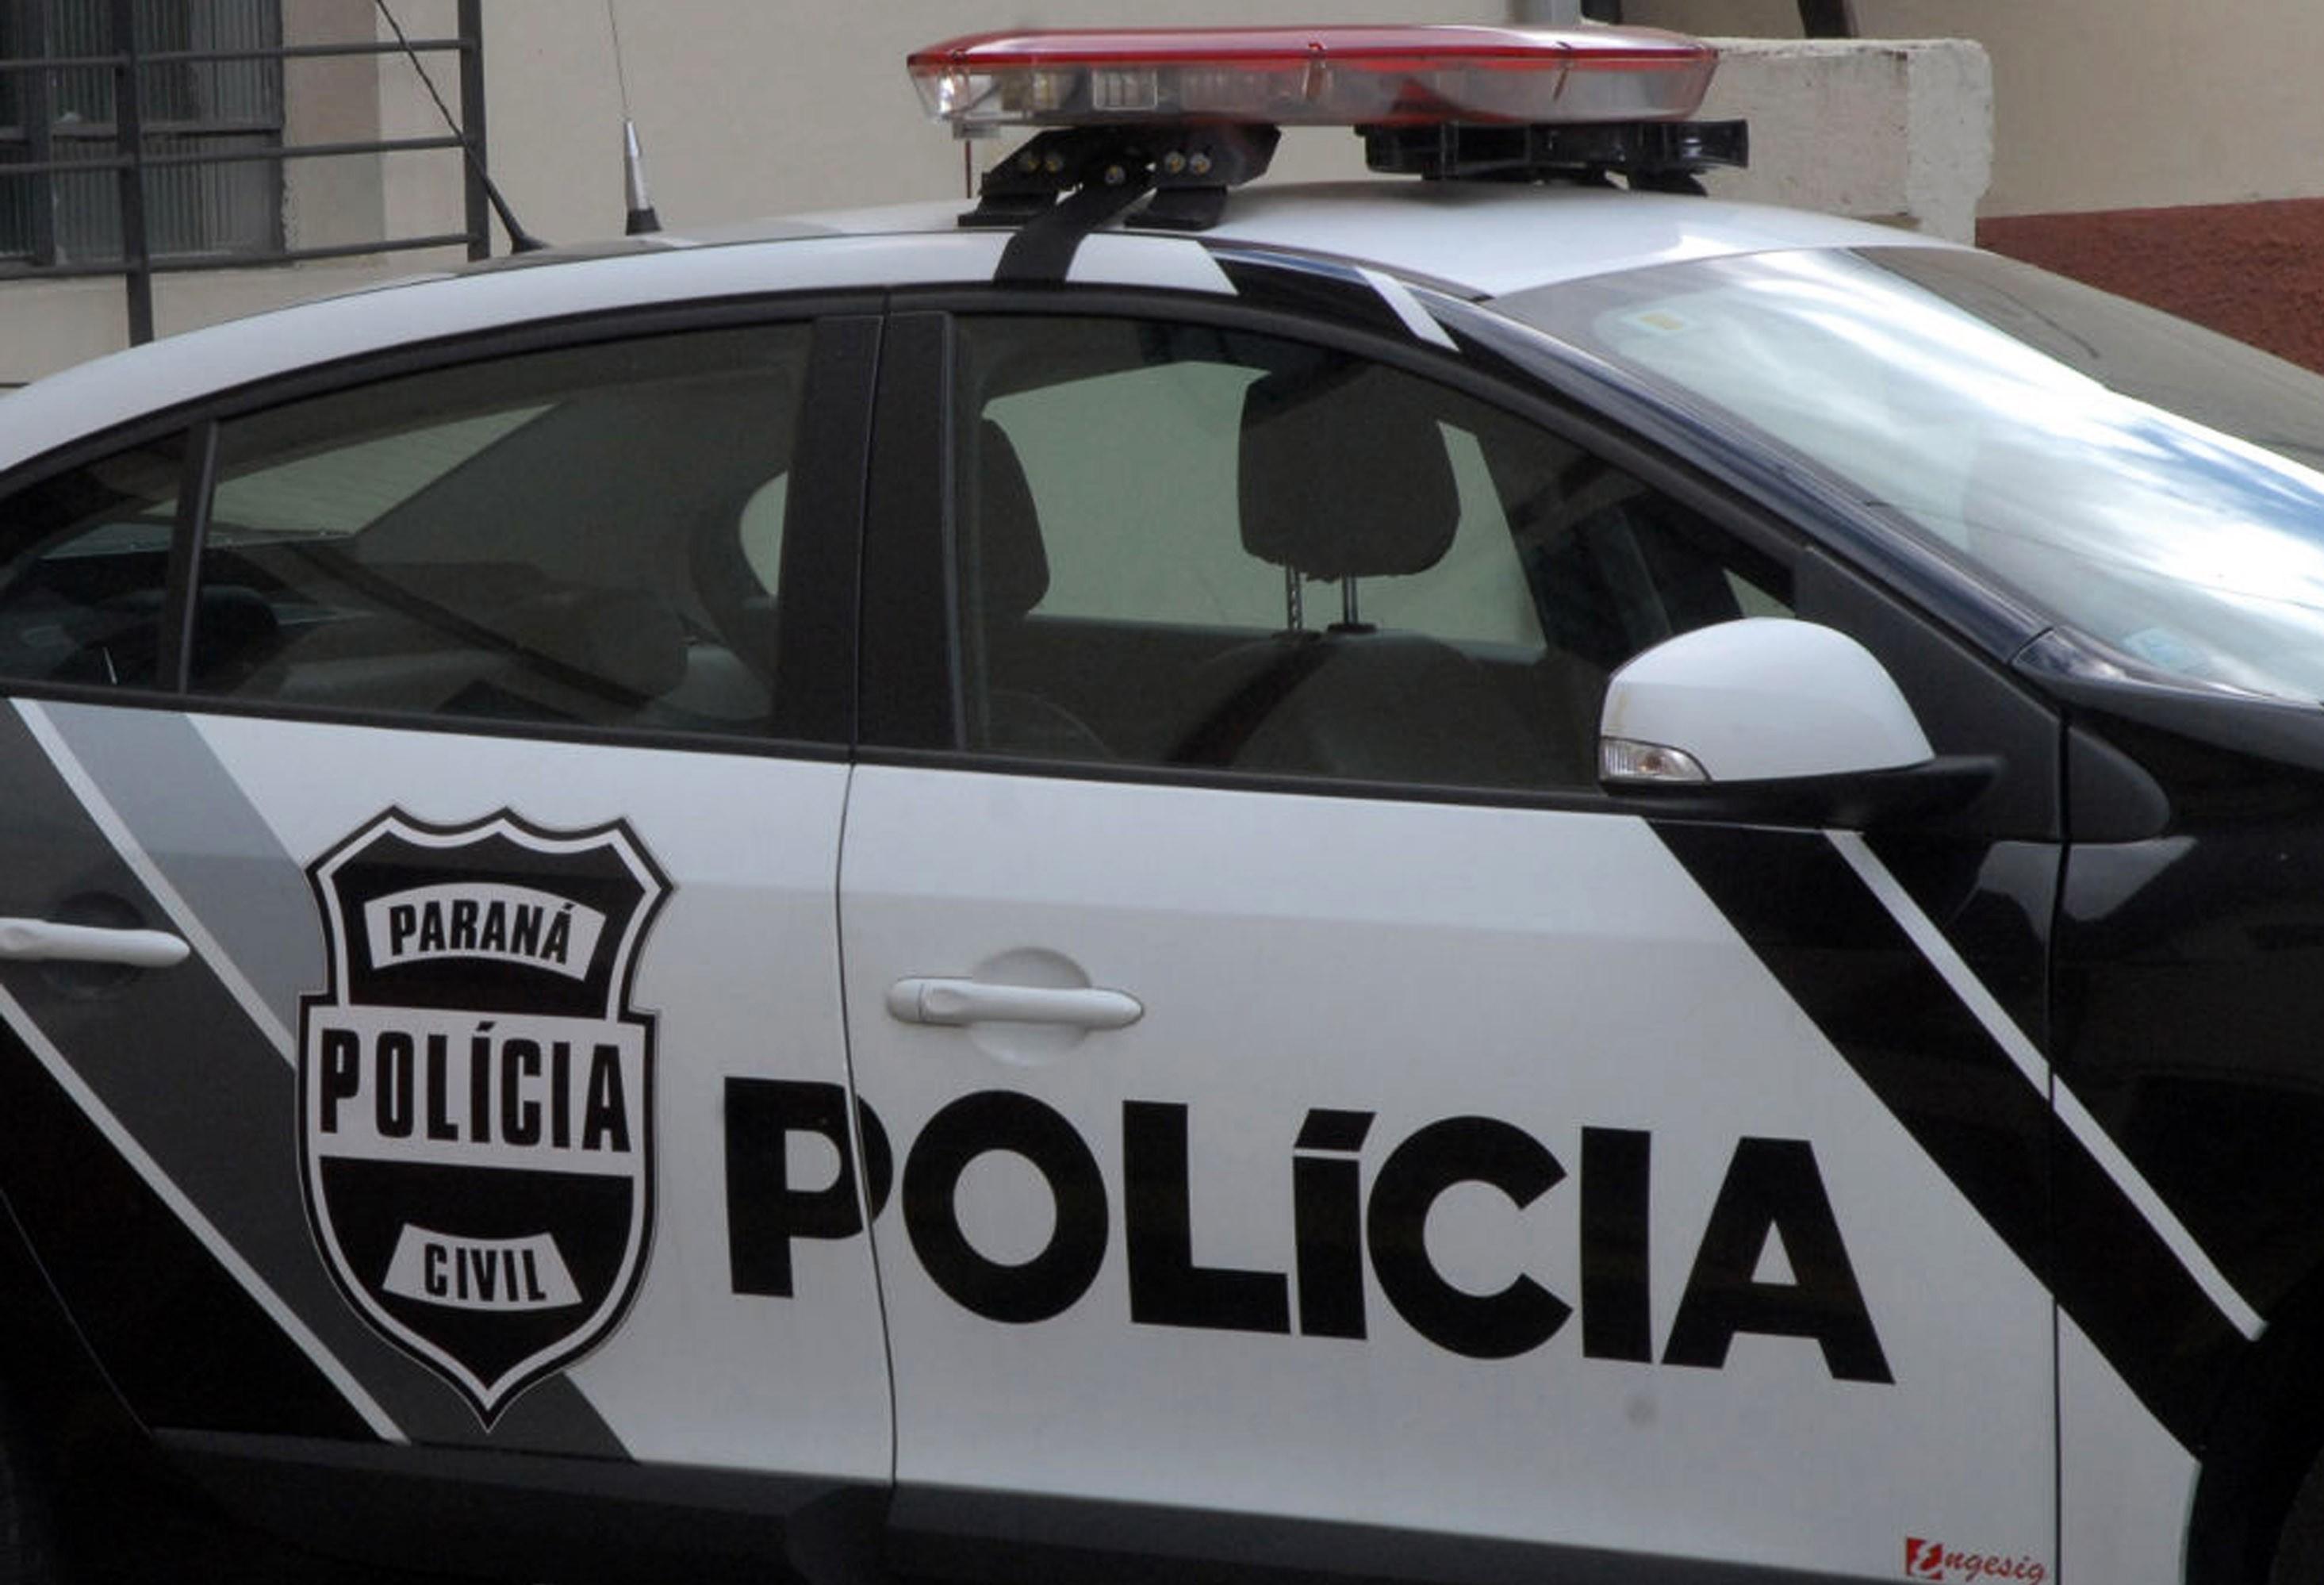 Polícia procura por dois suspeitos de roubo e furto de carros